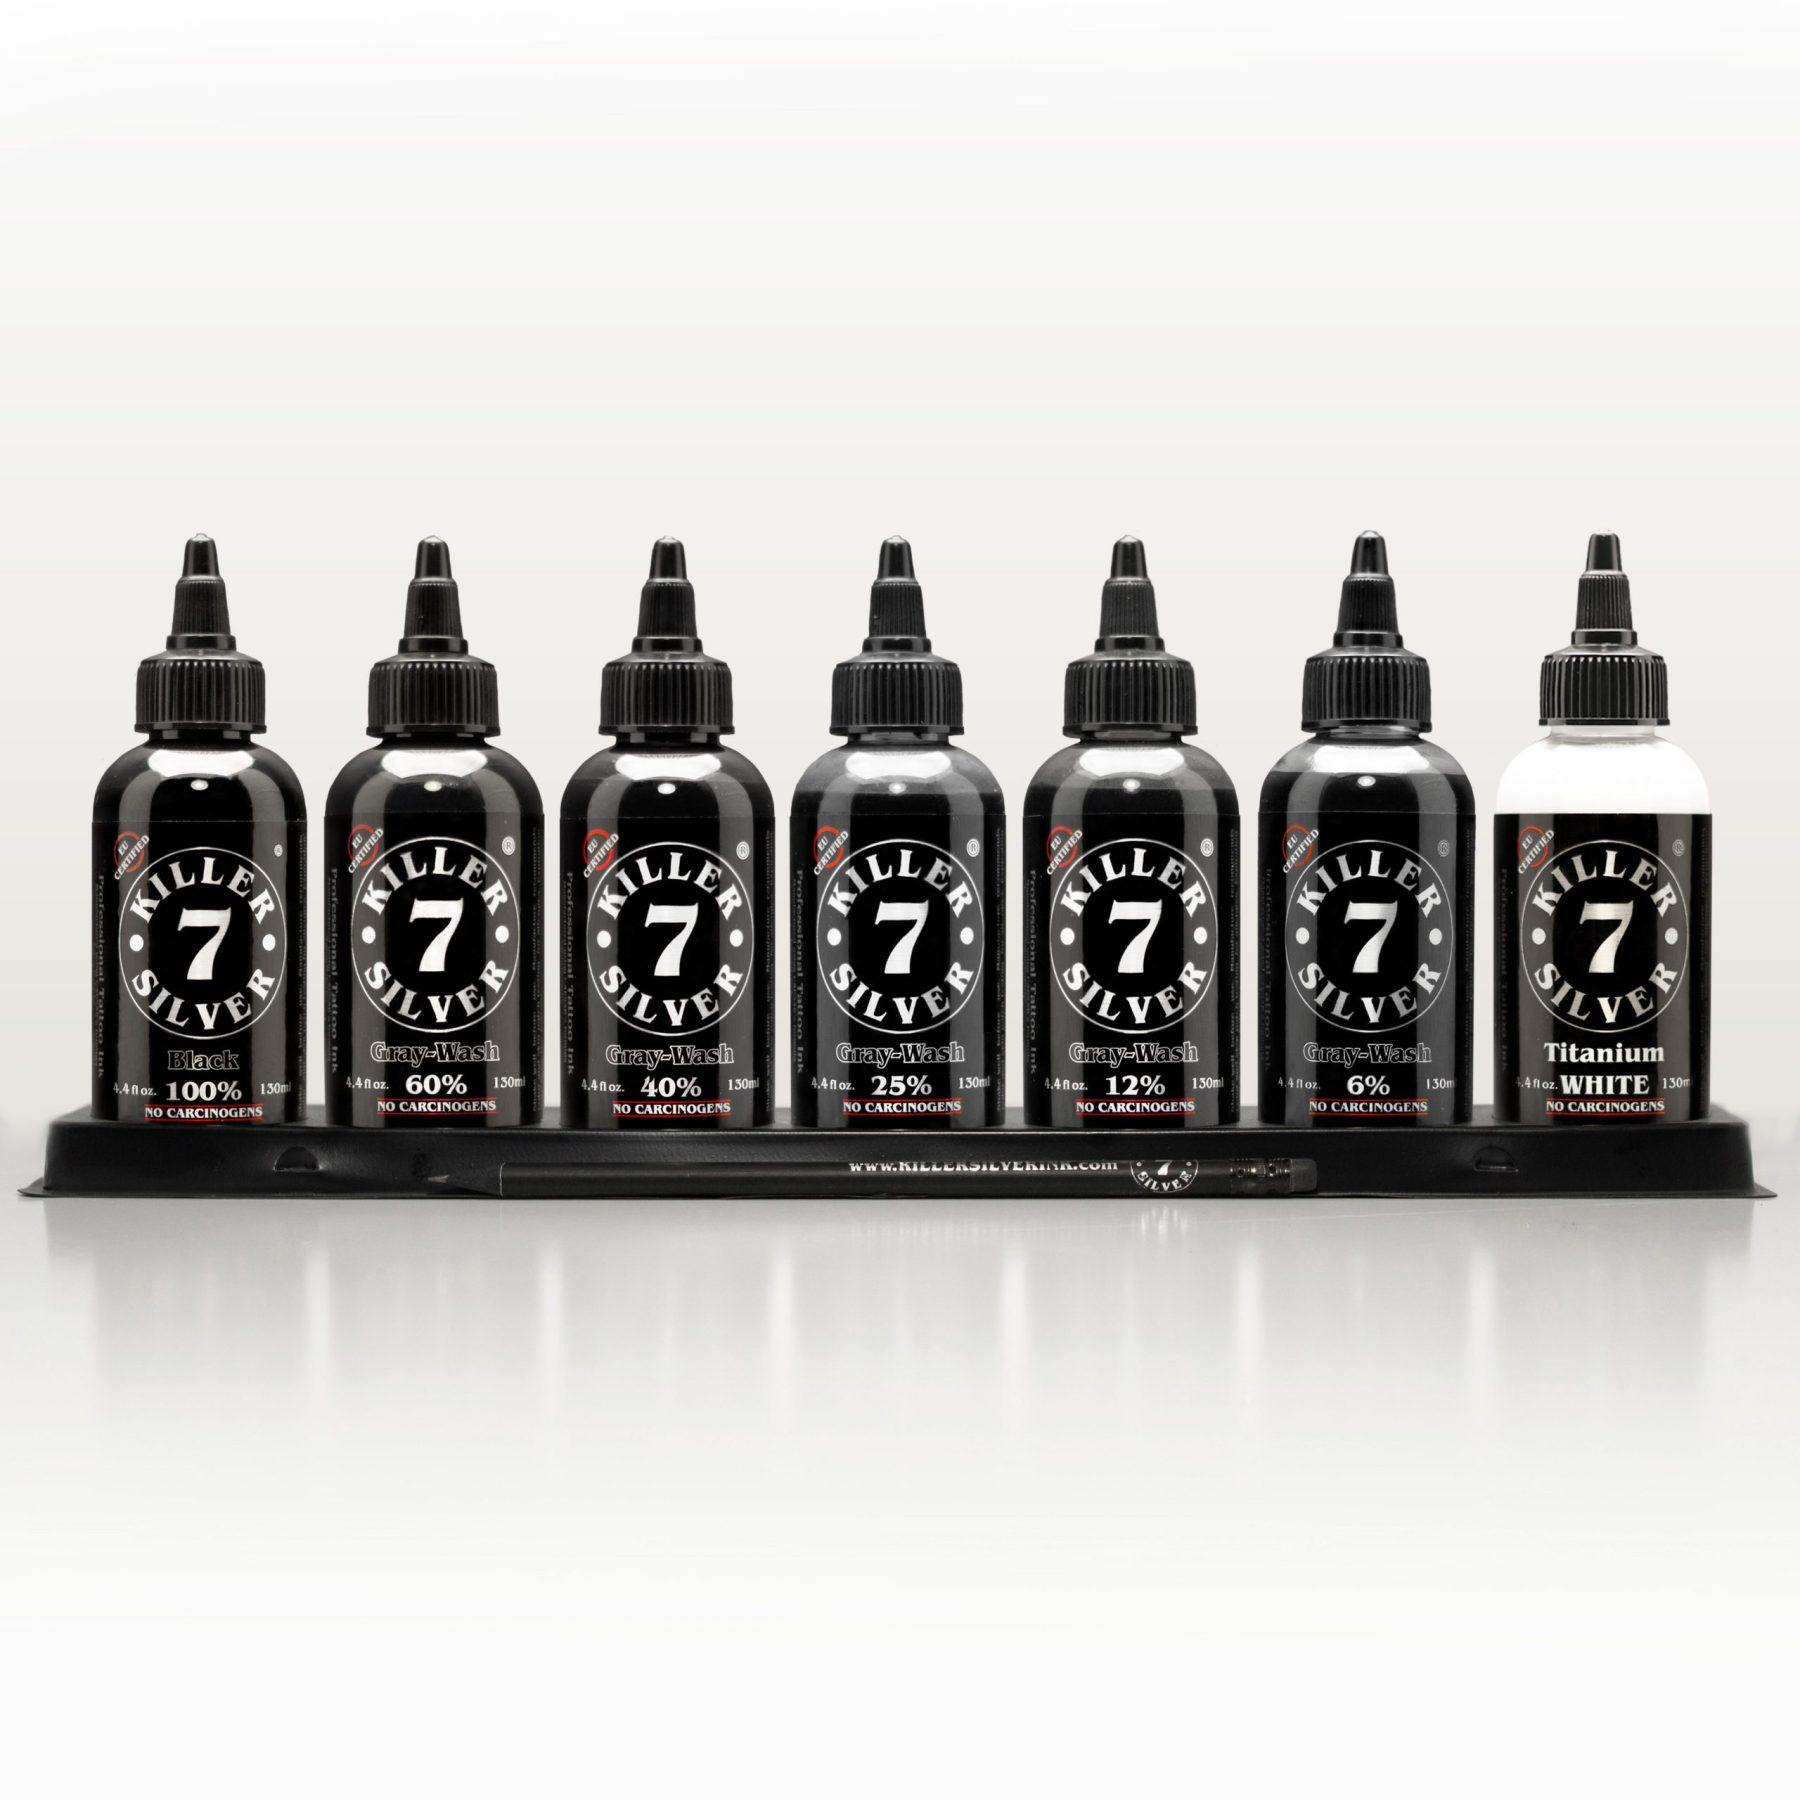 Ultimate Gray-Wash Set - 7 deadly shades - 7 bottle set - 4.4 oz - Killer Silver